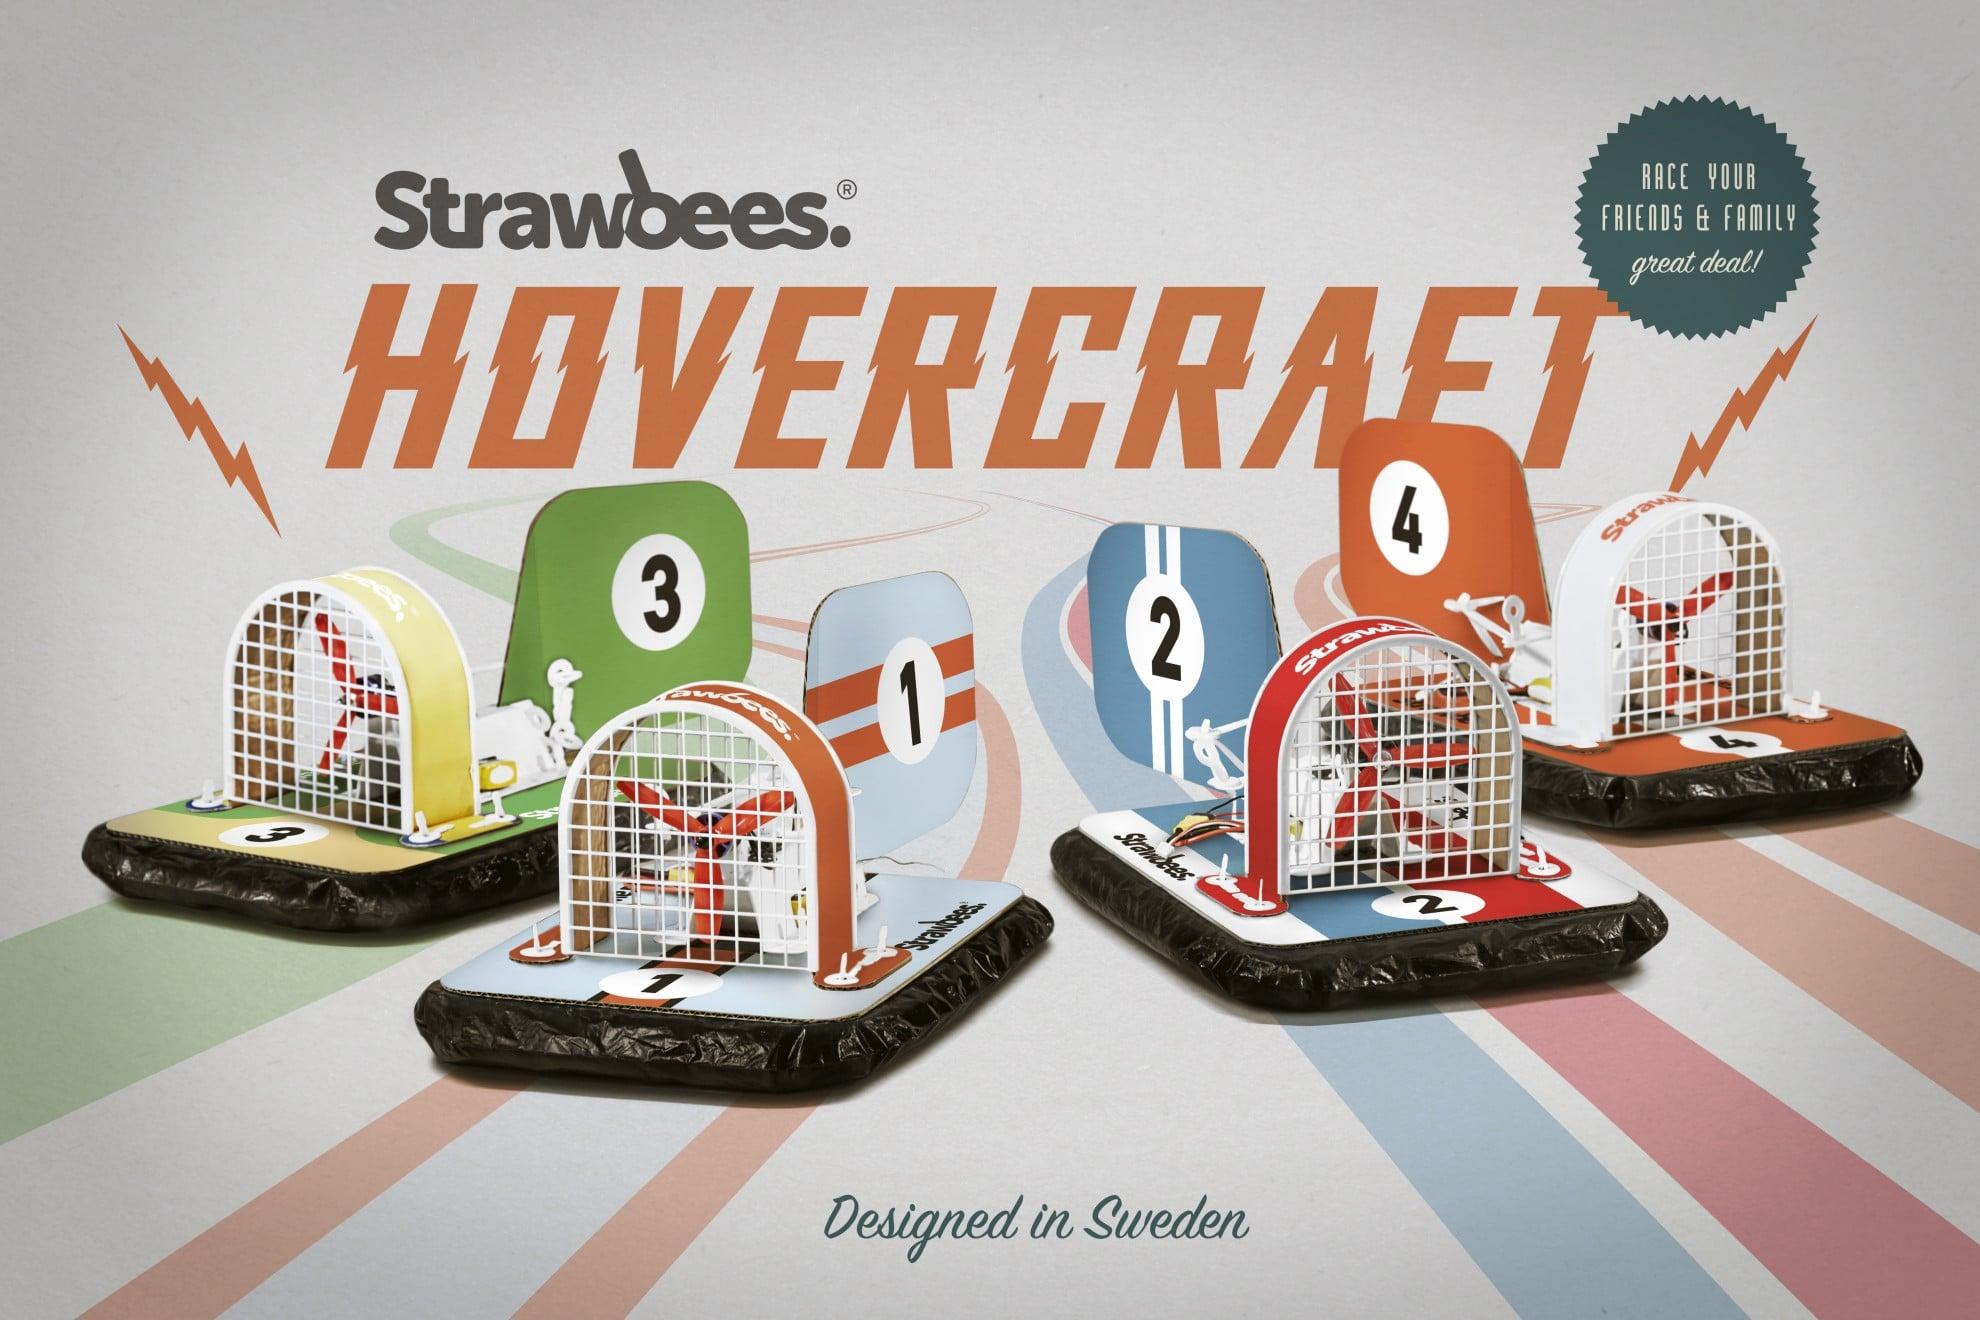 Baut euch ein Hovercraft. (Foto: Strawbees)